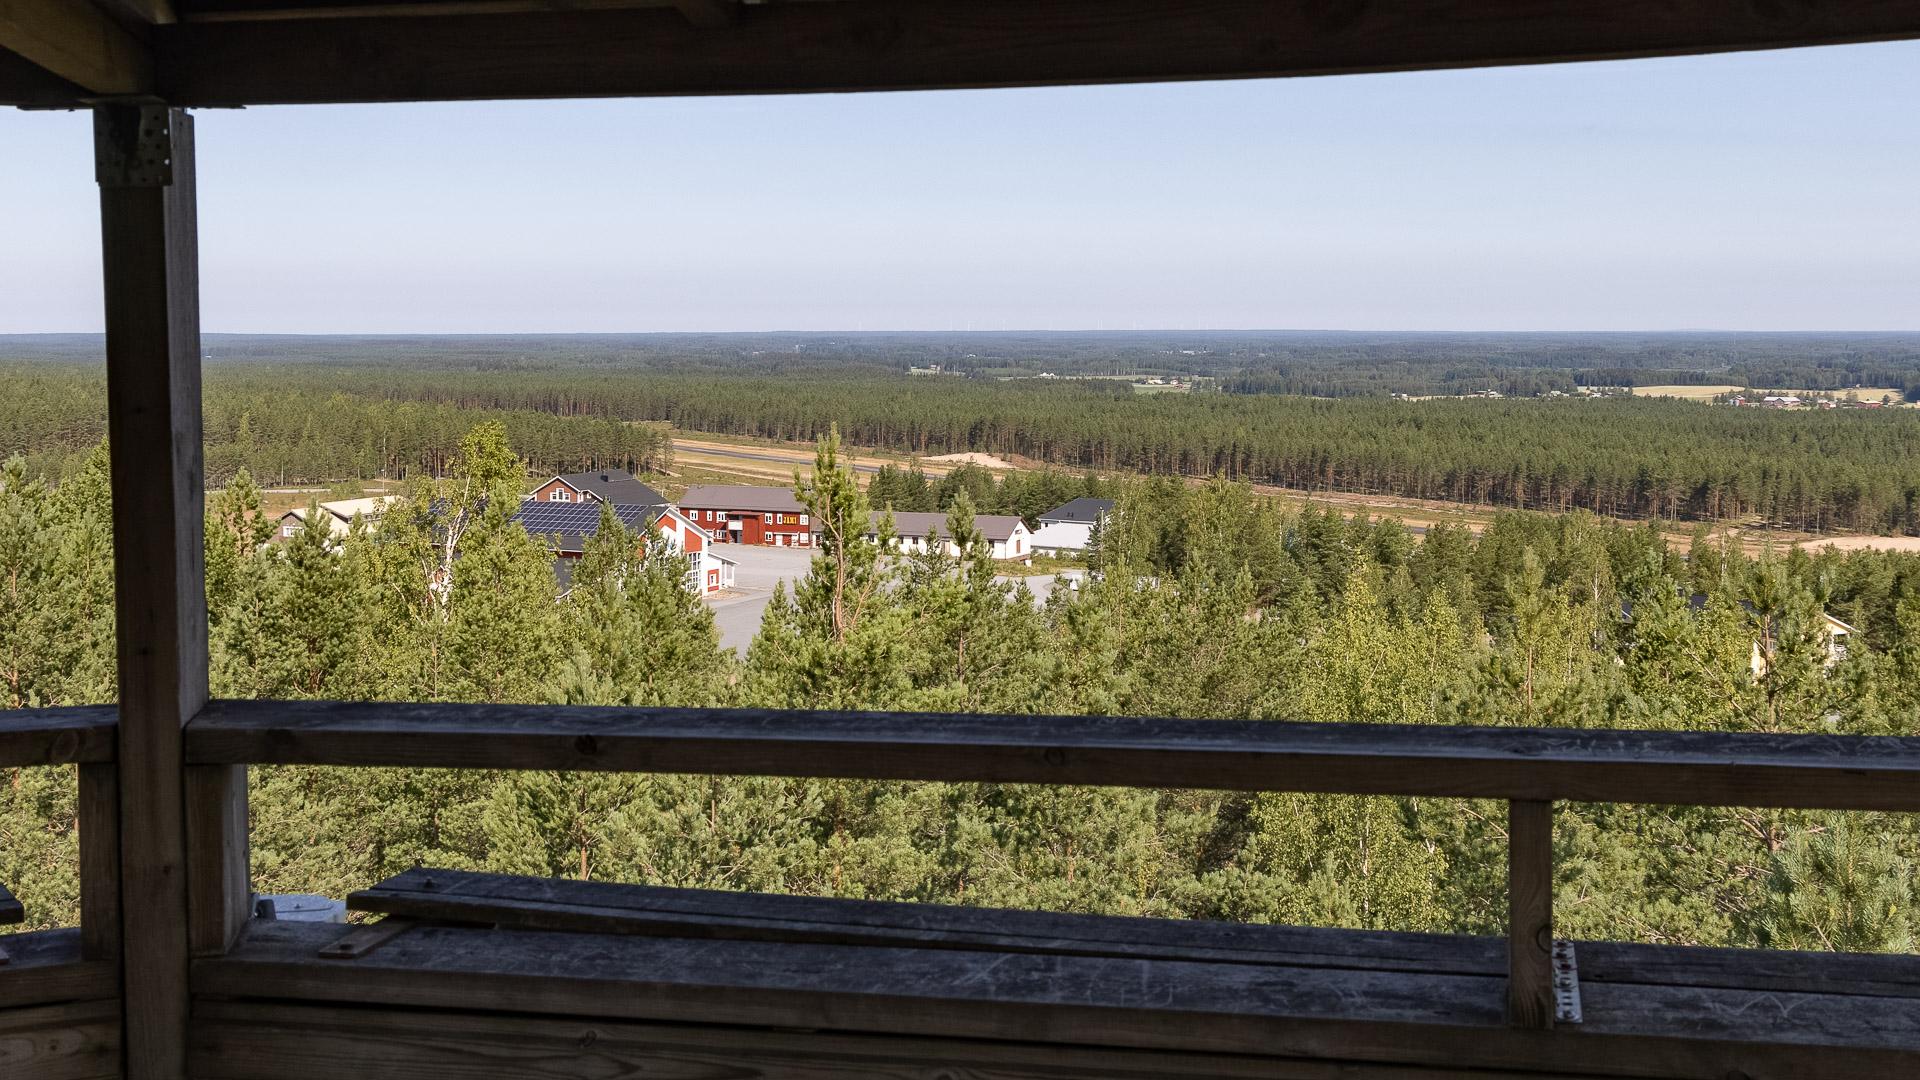 Näkötorni Jämi Soininharju näkymä pohjoiseen